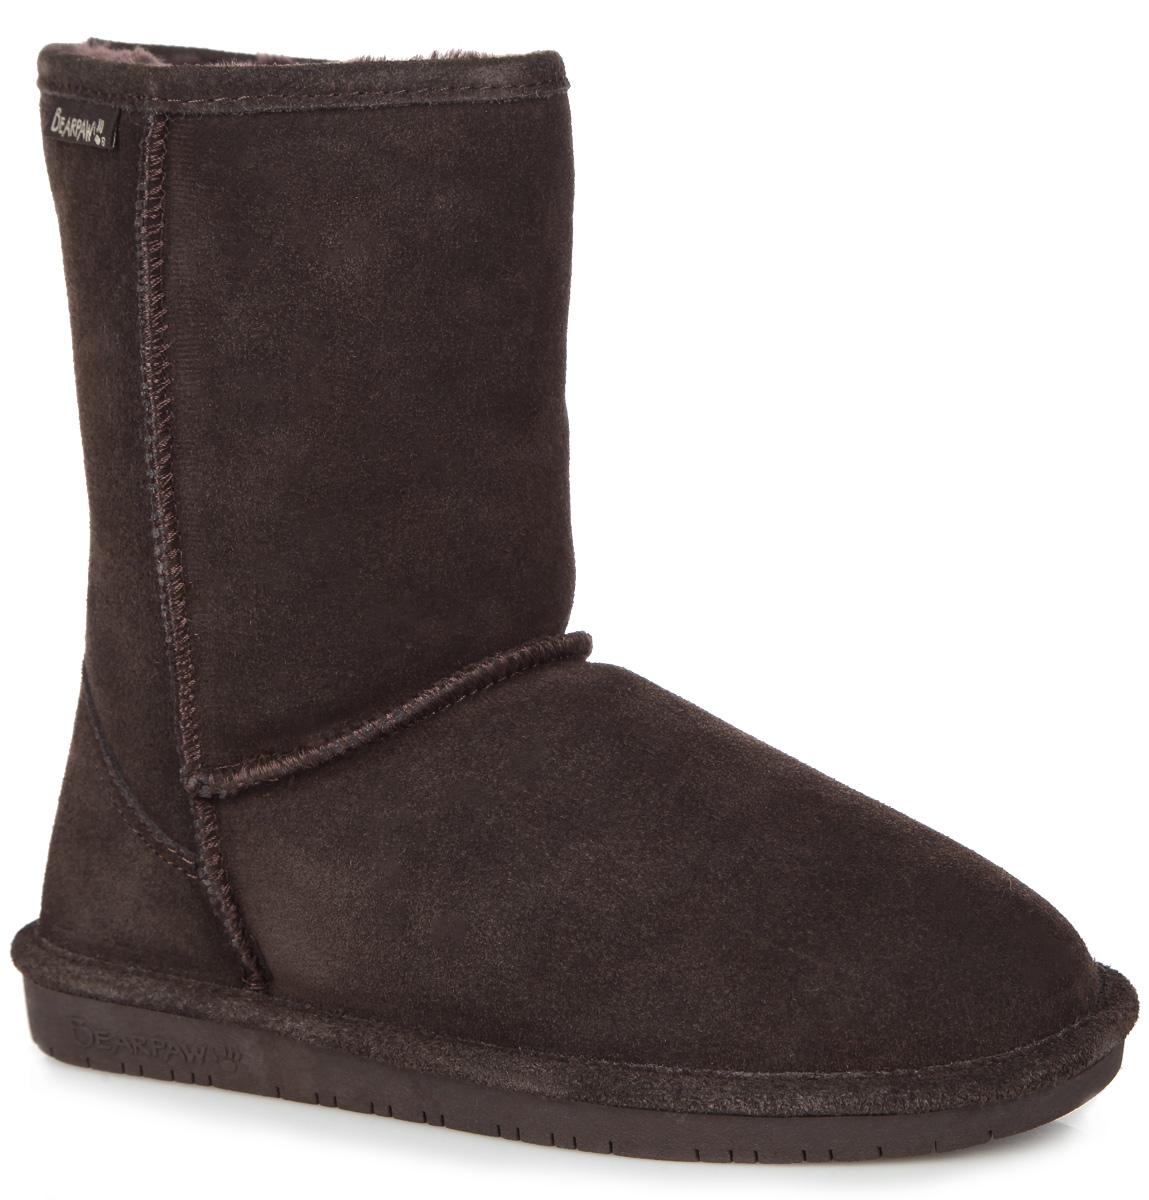 Угги608W-black IIСтильные угги Bearpaw Emma Short заинтересуют вас своим дизайном с первого взгляда! Модель выполнена из натуральной износоустойчивой замши и оформлена крупными декоративными швами, на заднике - текстильной нашивкой с названием и логотипом бренда. Подкладка и стелька, исполненные из теплой овчинной шерсти, защитят ноги от холода и обеспечат комфорт. Ширина голенища компенсирует отсутствие застежек. Подошва из полимера - с противоскользящим рифлением. В таких уггах вашим ногам будет уютно и комфортно! Они прекрасно дополнят ваш повседневный образ.